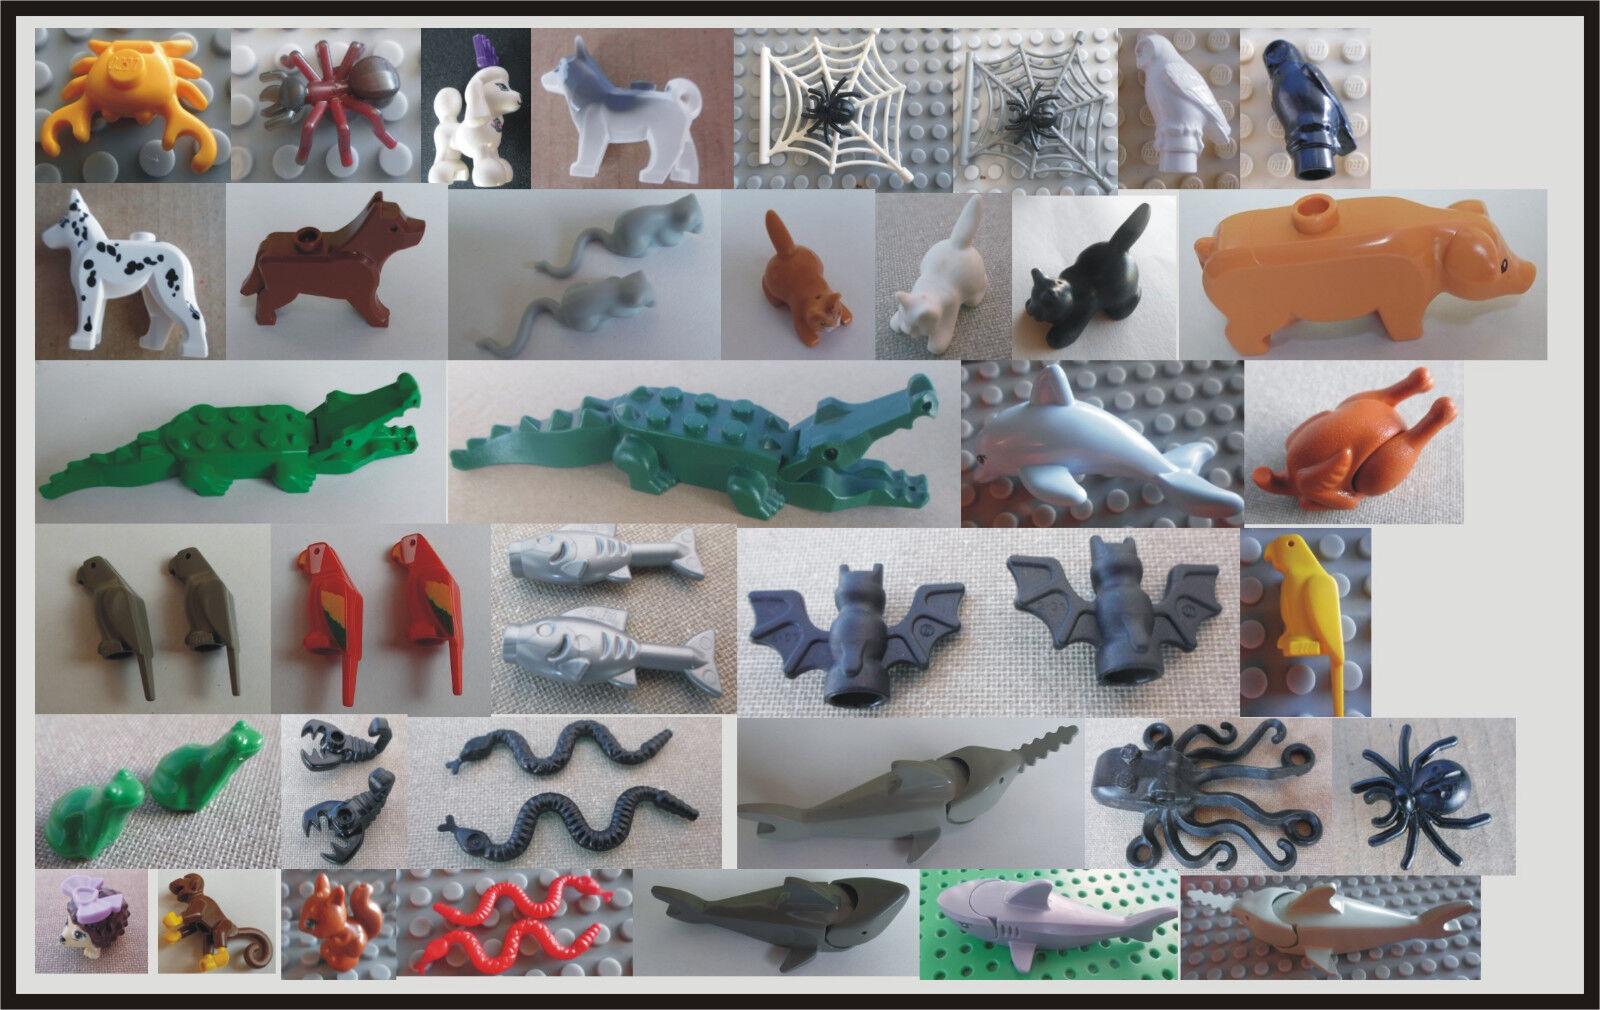 Lego Accessori  Animali Pirati Castello Città   Entra nel negozio e scegli